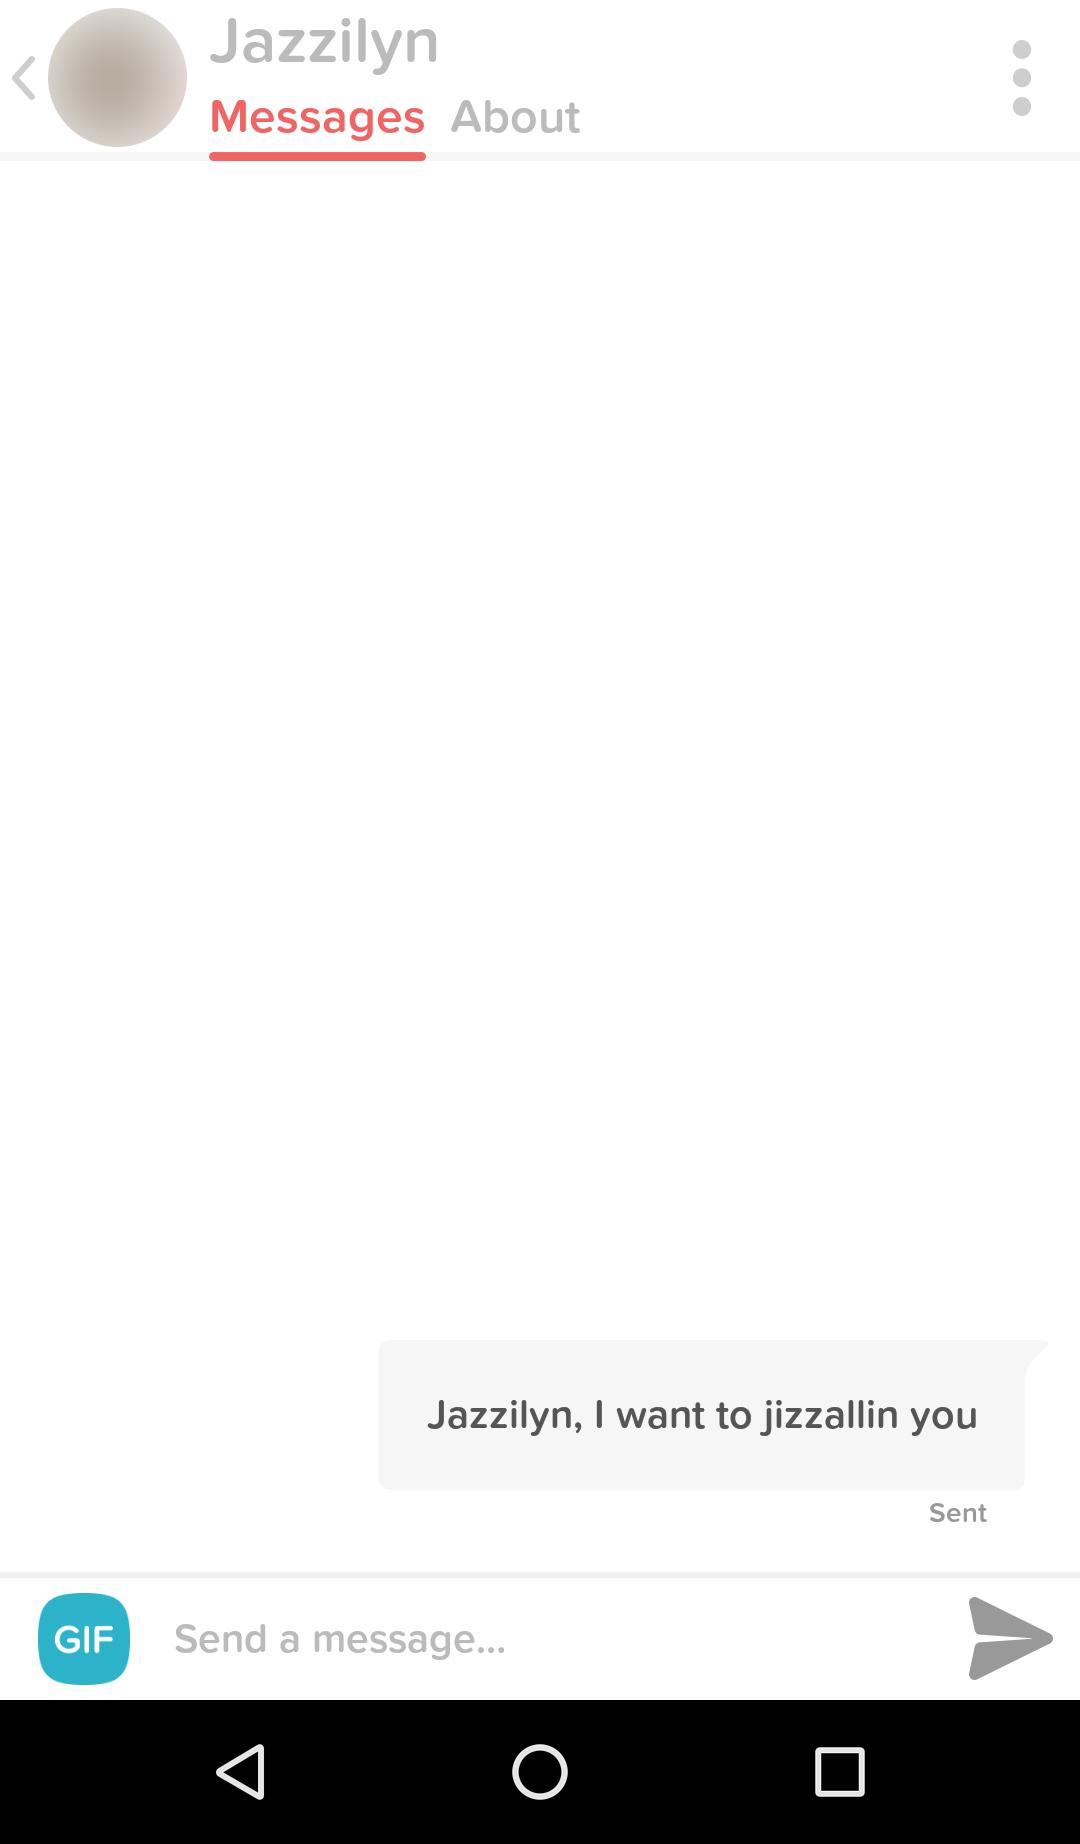 jazzilyn